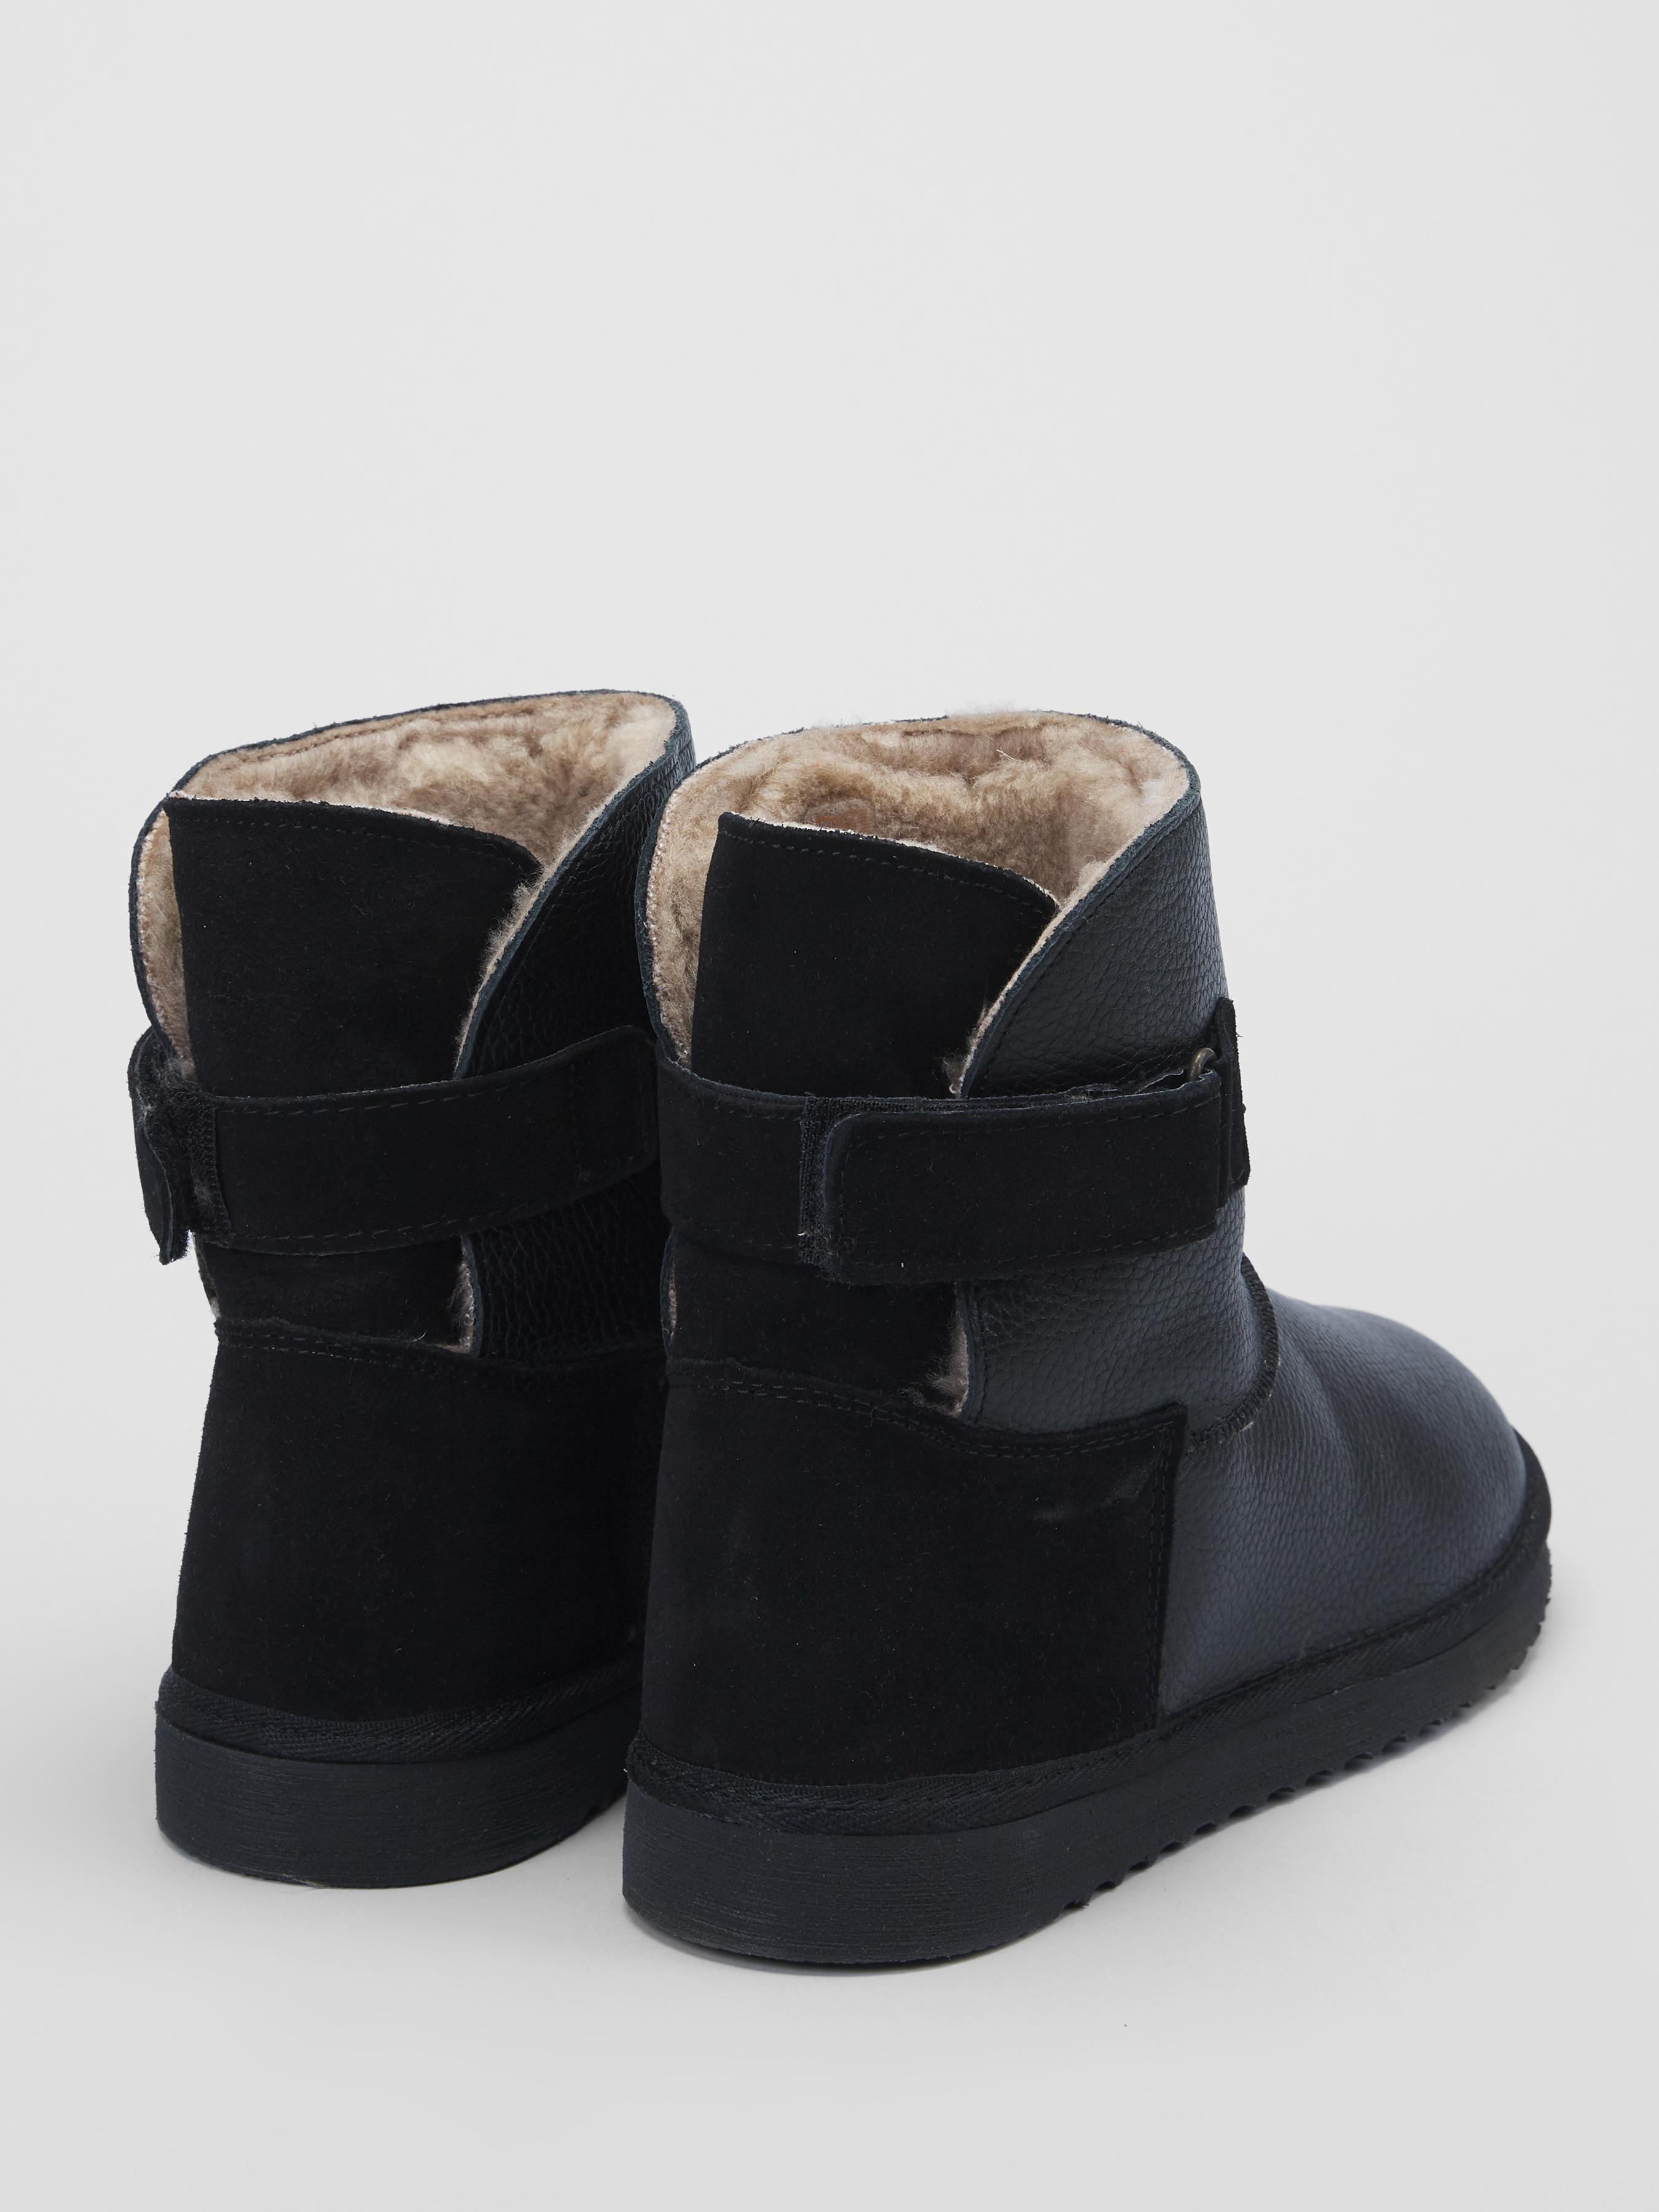 Ботинки для женщин Braska 2S58 цена, 2017